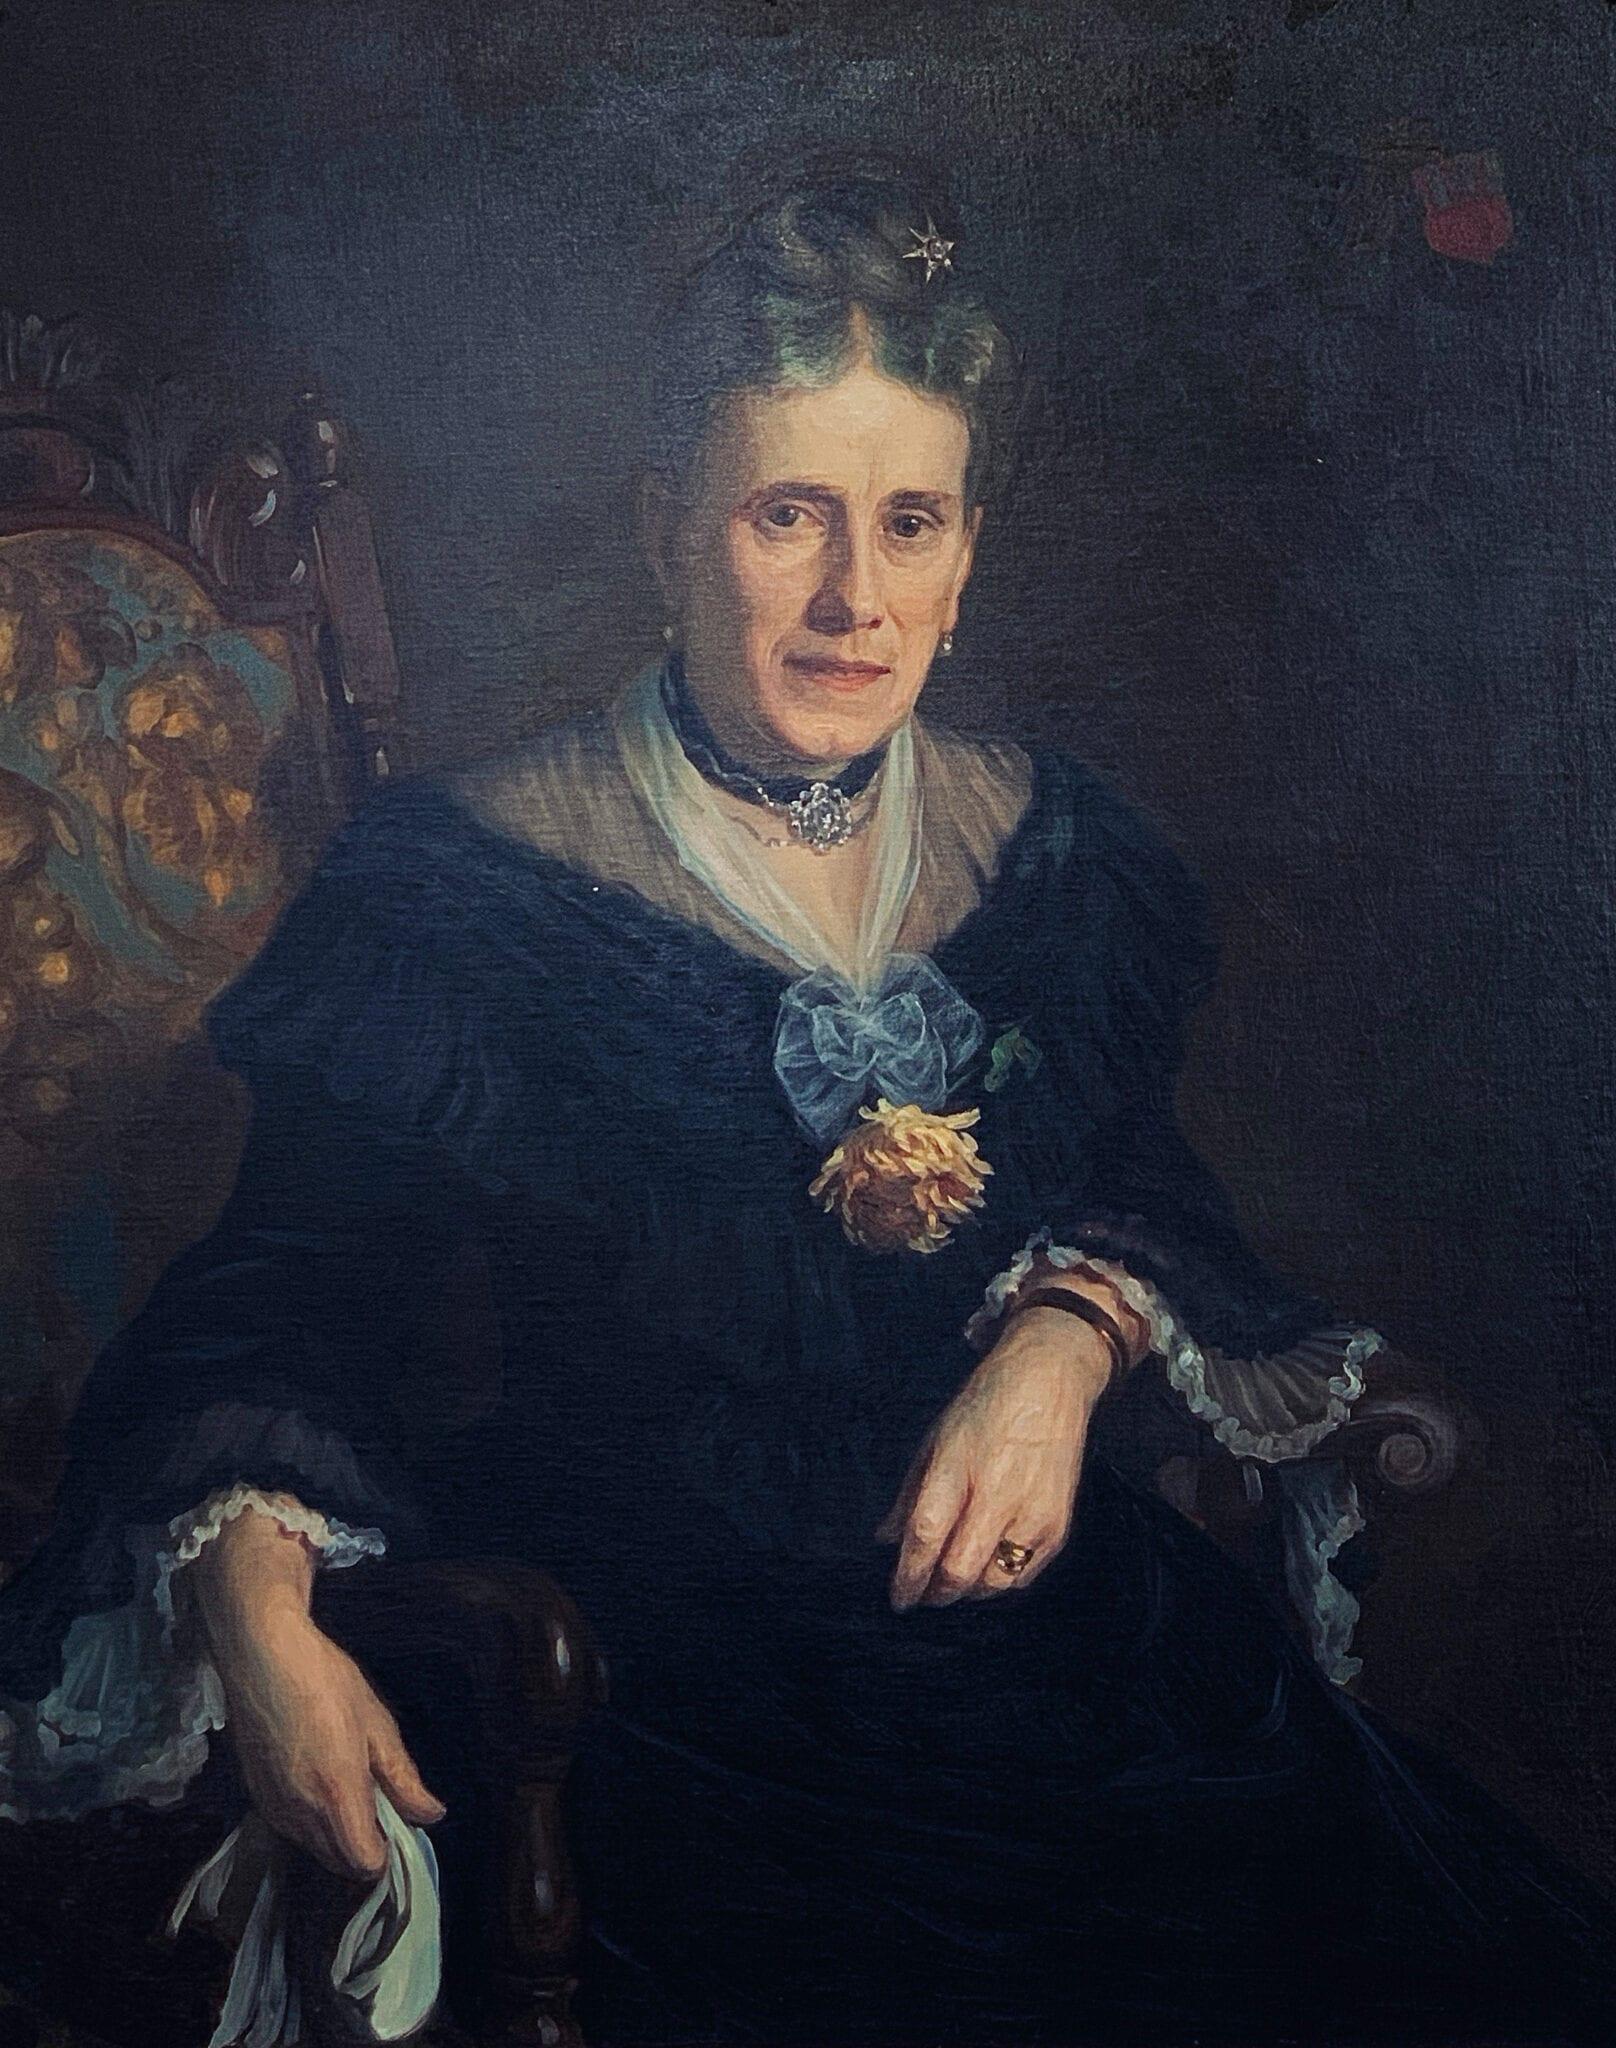 Ebba Wilhelmina Piper född von Haffner